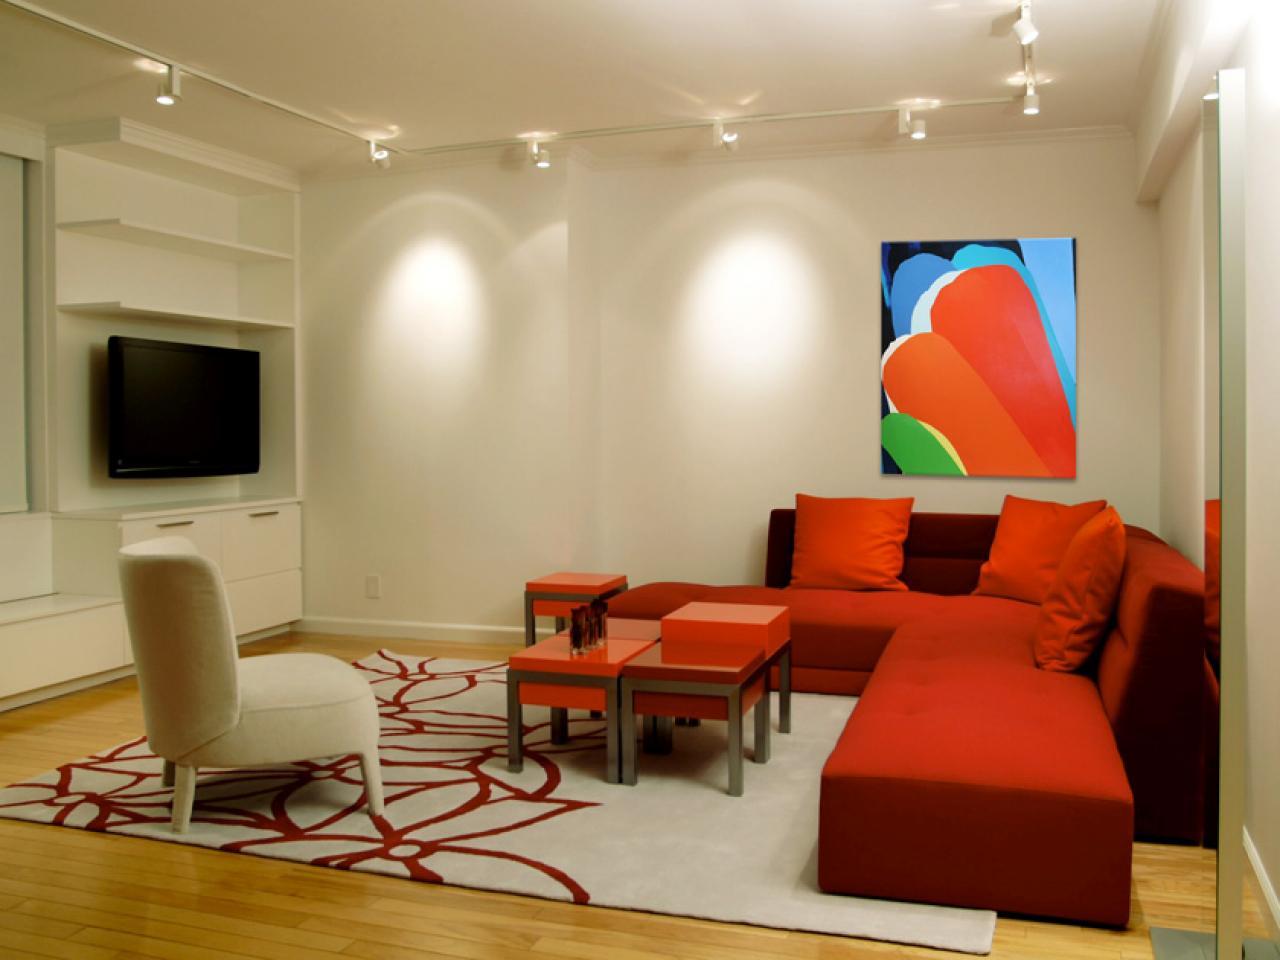 Sala De Tv Com Iluminacao ~ Iluminação ideal para sala de tv  Decorando Casas